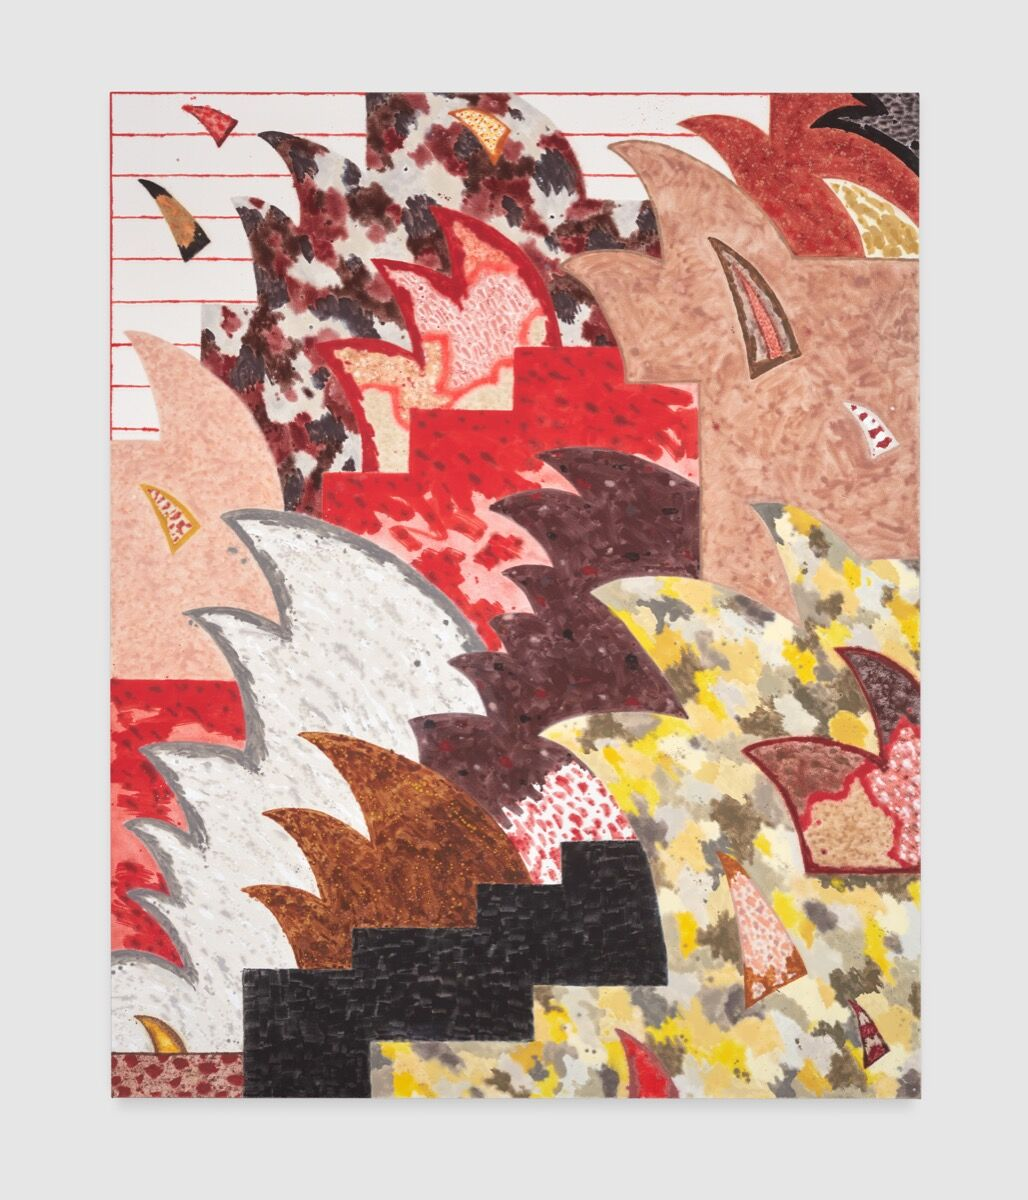 Rebecca Morris, Untitled (#04-18) at Bortolami, New York, 2018. Courtesy of the artist and Corbett vs. Dempsey.